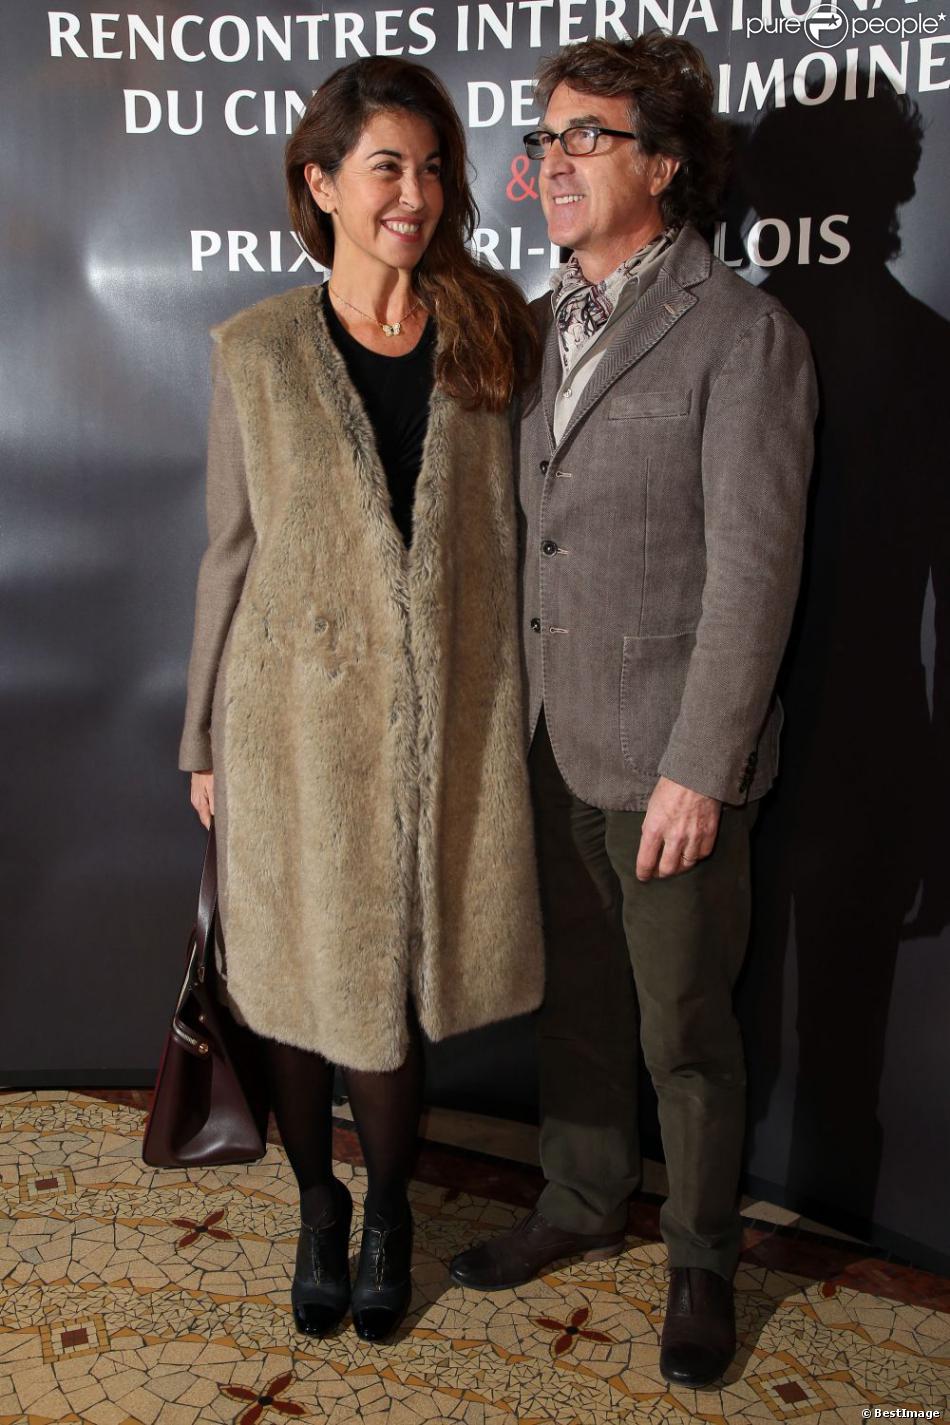 Francois Cluzet et sa femme Narjiss lors des Rencontres Internationales du Cinéma de Patrimoine et du prix Henri Langlois à Vincennes le 28 janvier 2013